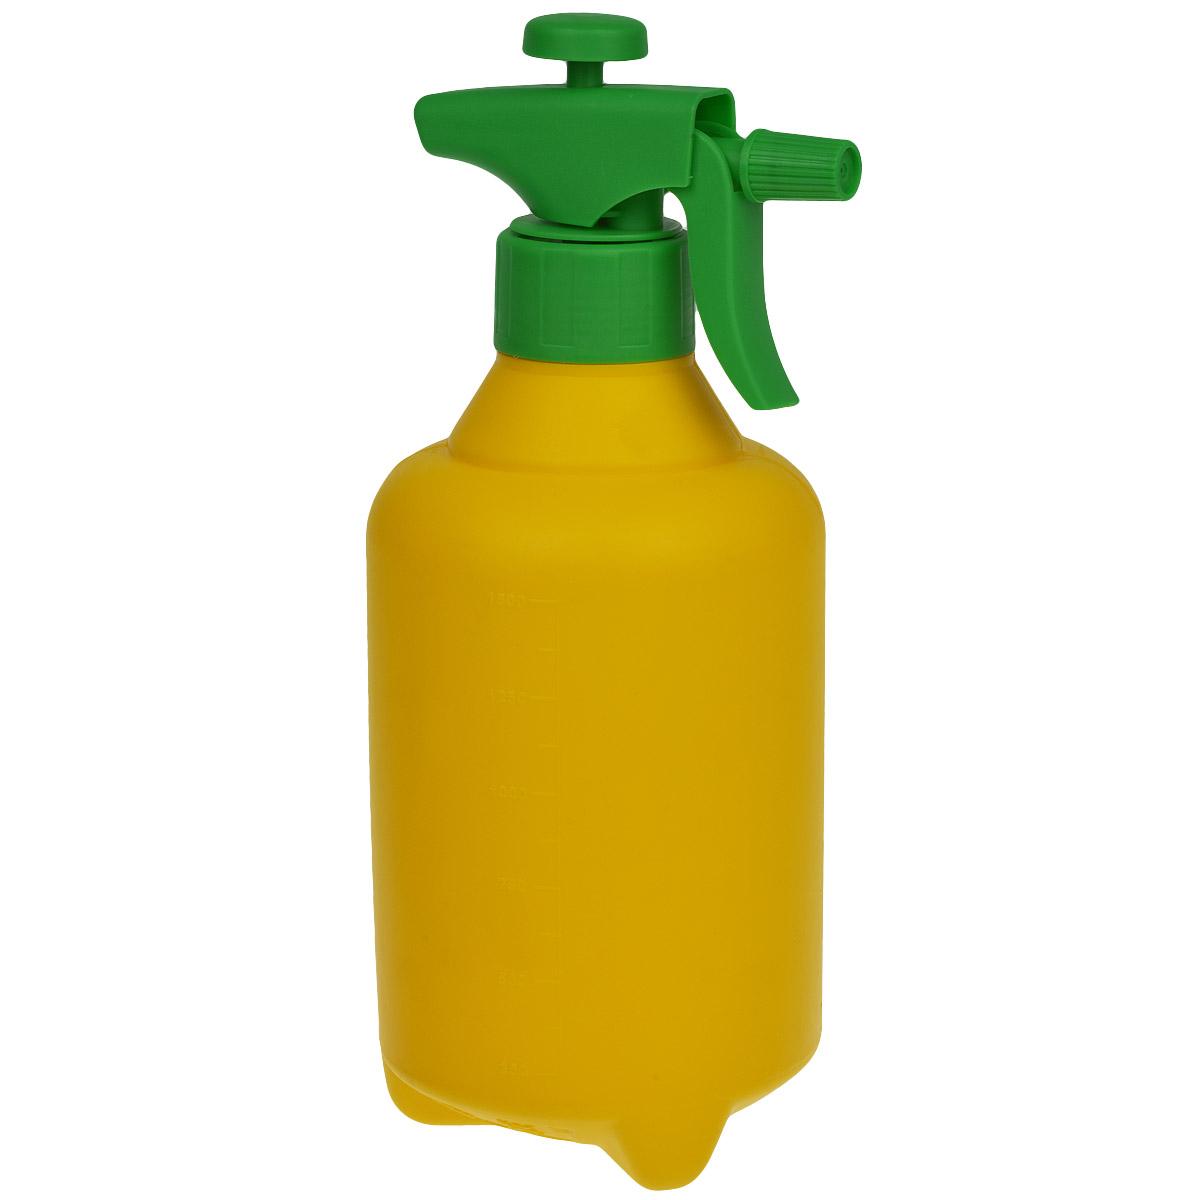 Опрыскиватель помповый Альтернатива, цвет: желтый, зеленый, 1,5 л96515412Помповый опрыскиватель Альтернатива предназначен не только для опрыскивания растений жидкими удобрениями, но и для побелки известью деревьев. Опрыскиватель легок в использовании. При нажатии на специальный рычаг раствор распыляется. Такой опрыскиватель станет незаменимым помощником на вашем садовом участке.